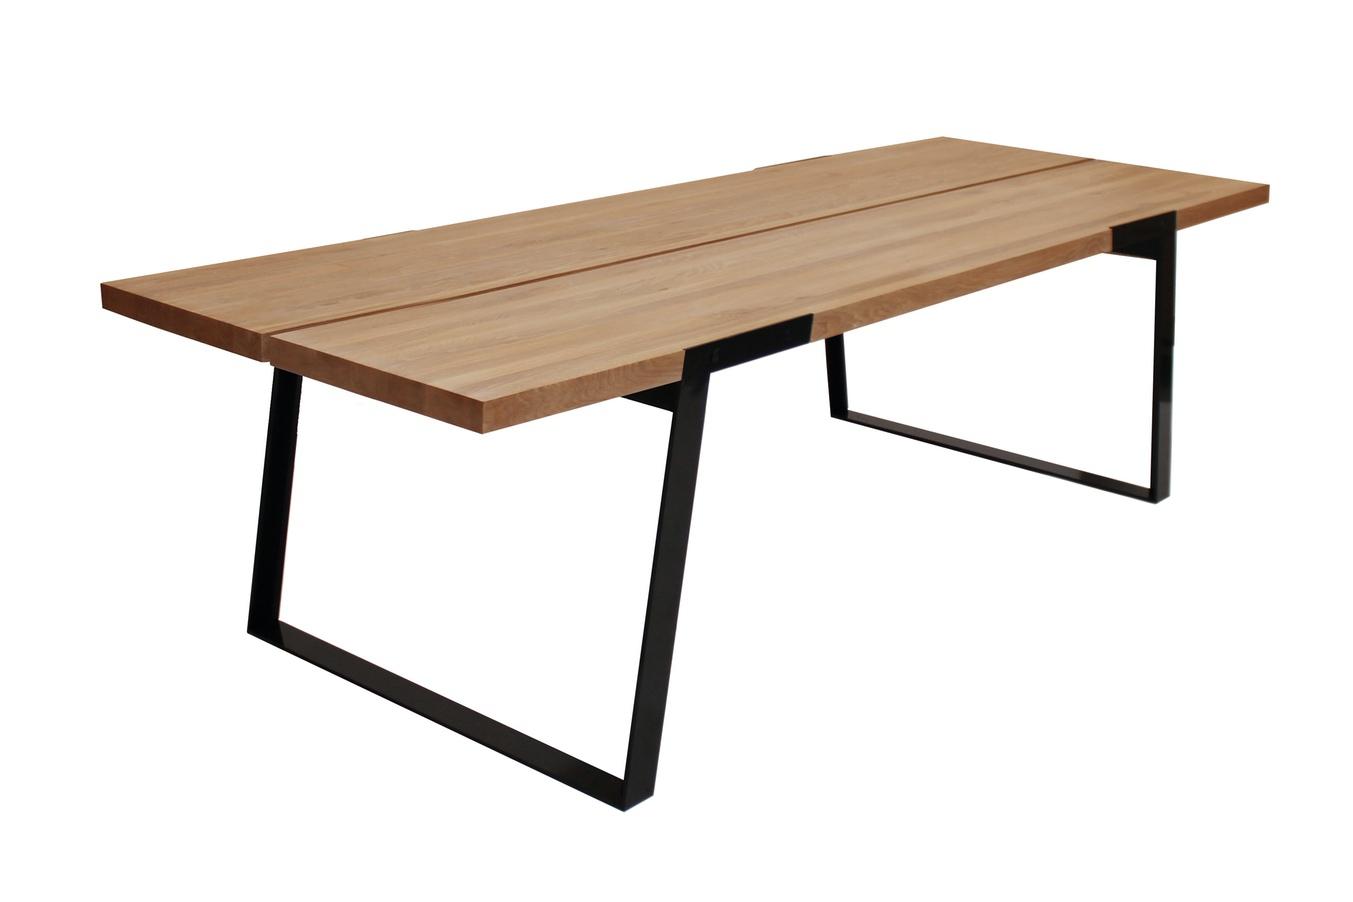 Luxusní jídelní stůl Zora 290 - 410cm přírodní / černá